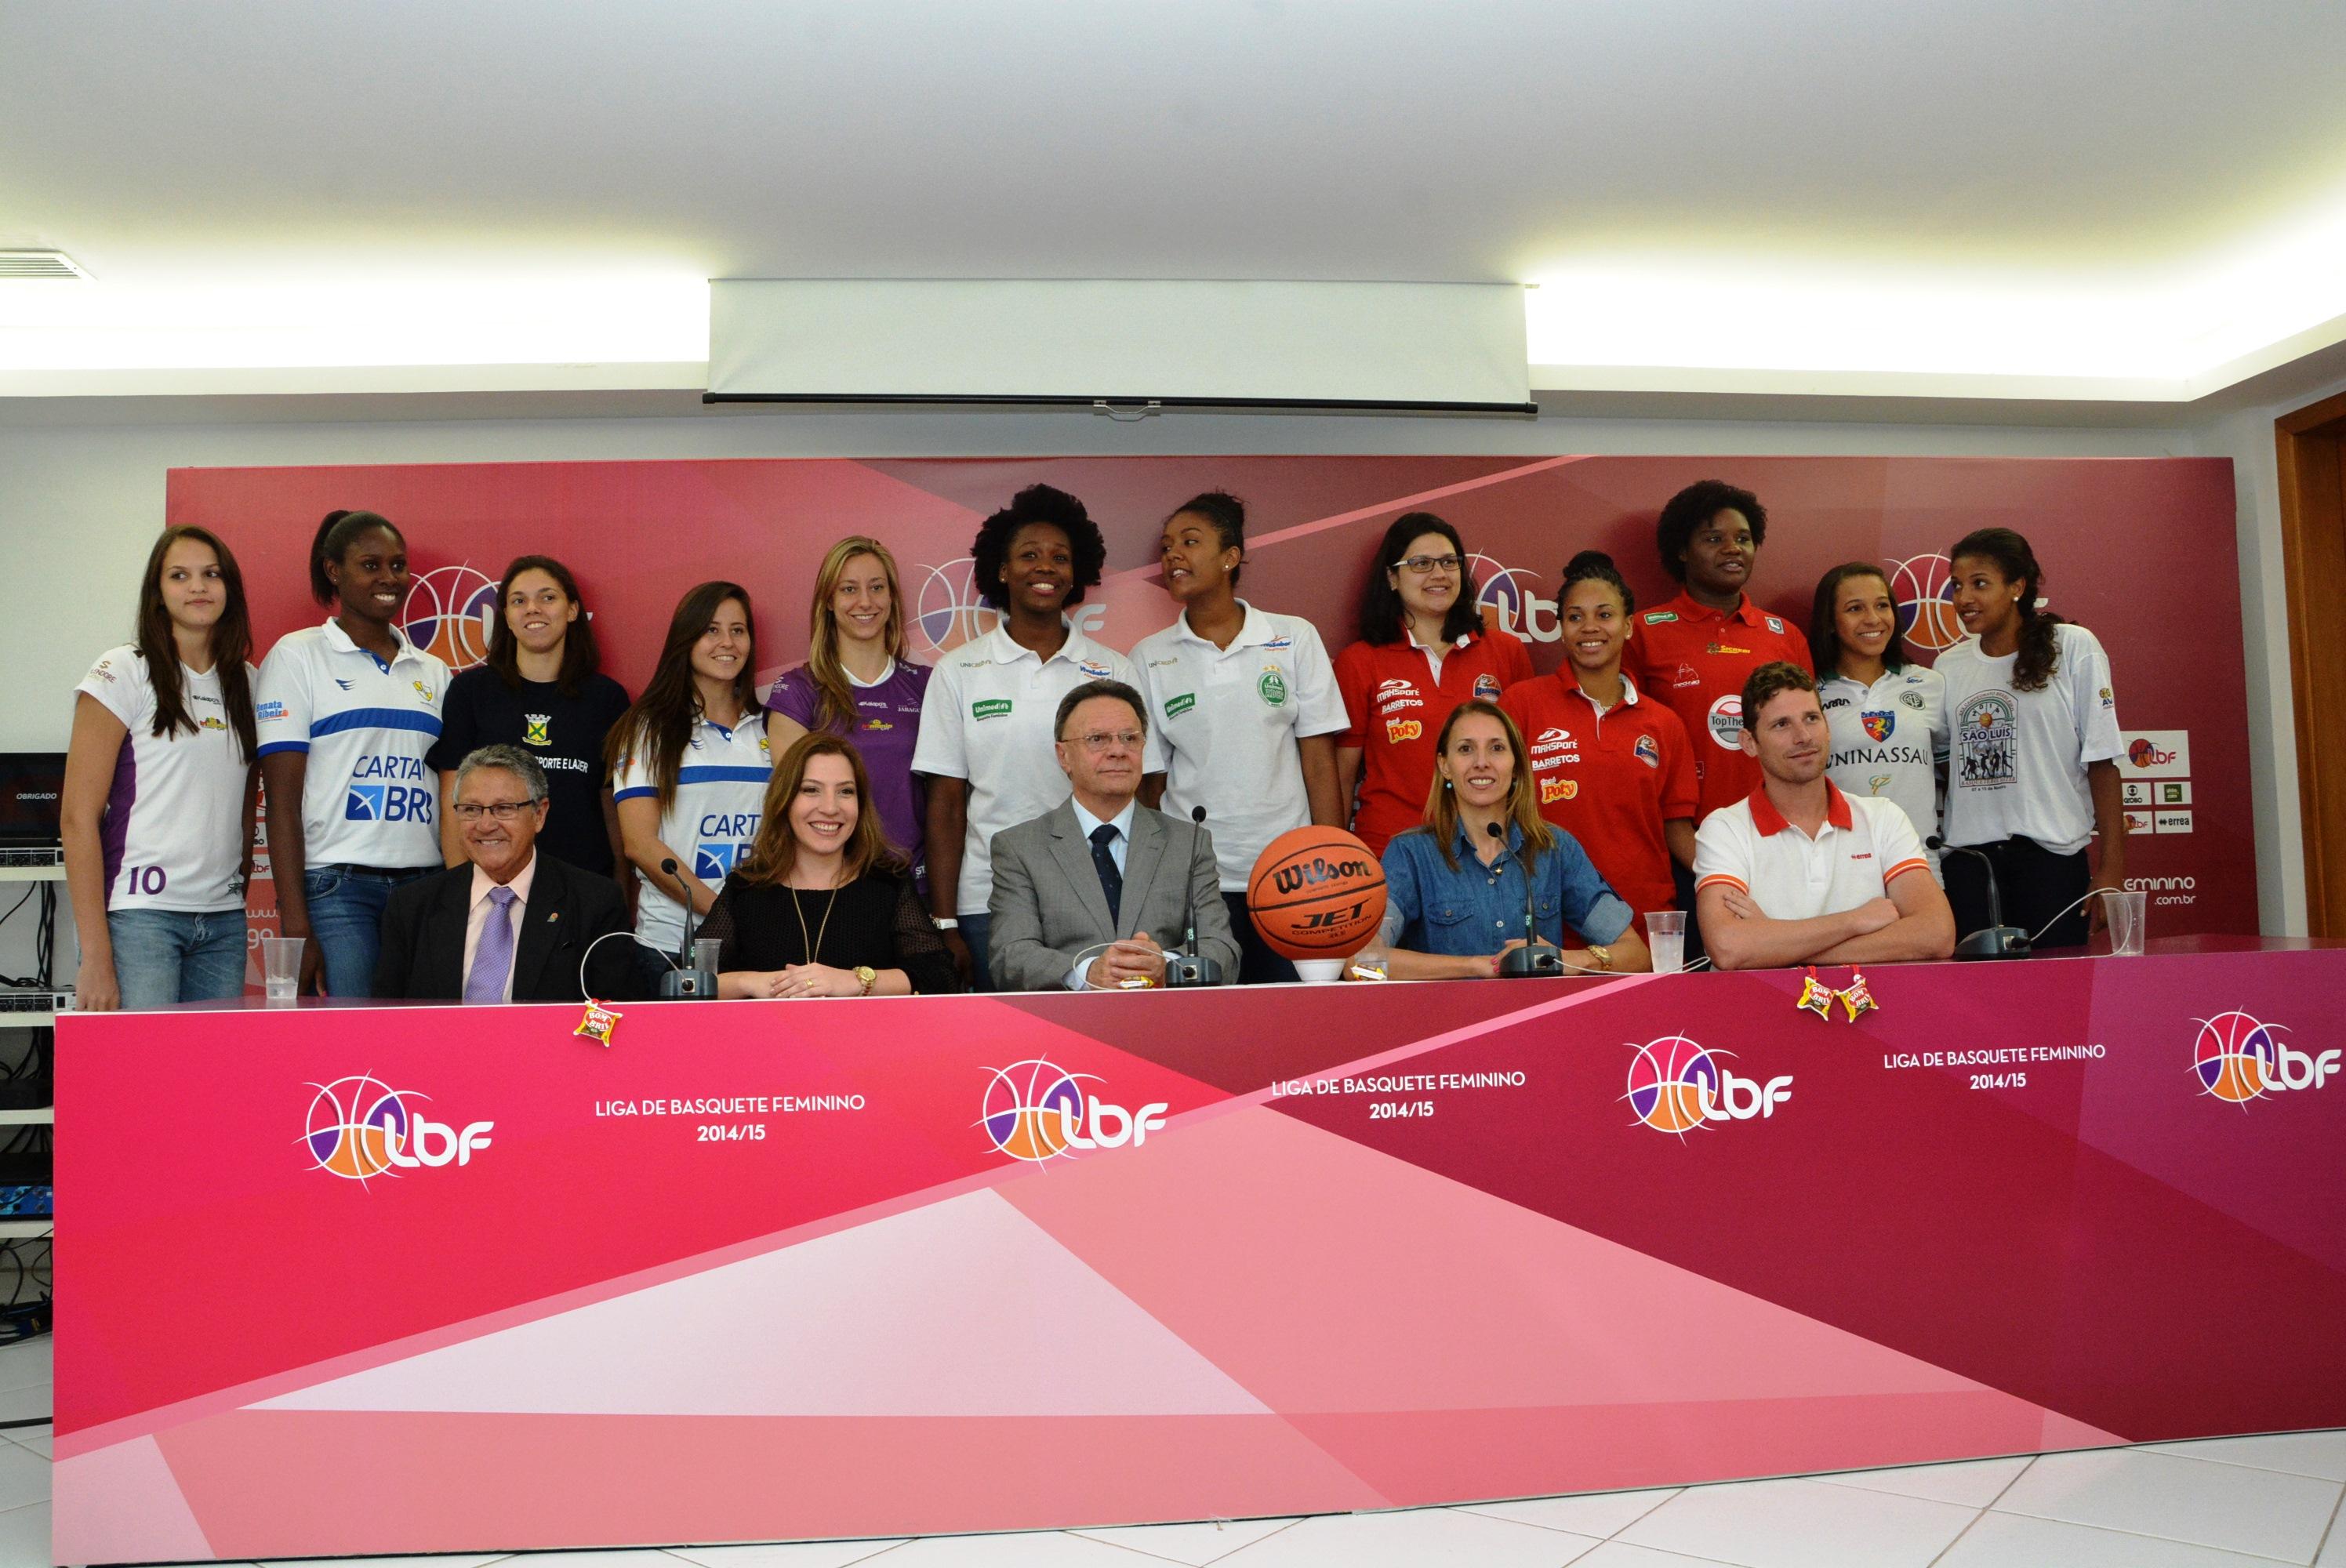 Apresentação da nova temporada da Liga de Basquete Feminino contou com a presença de jogadoras e autoridades do basquete brasileiro (Rodrigo Campos/LBF)